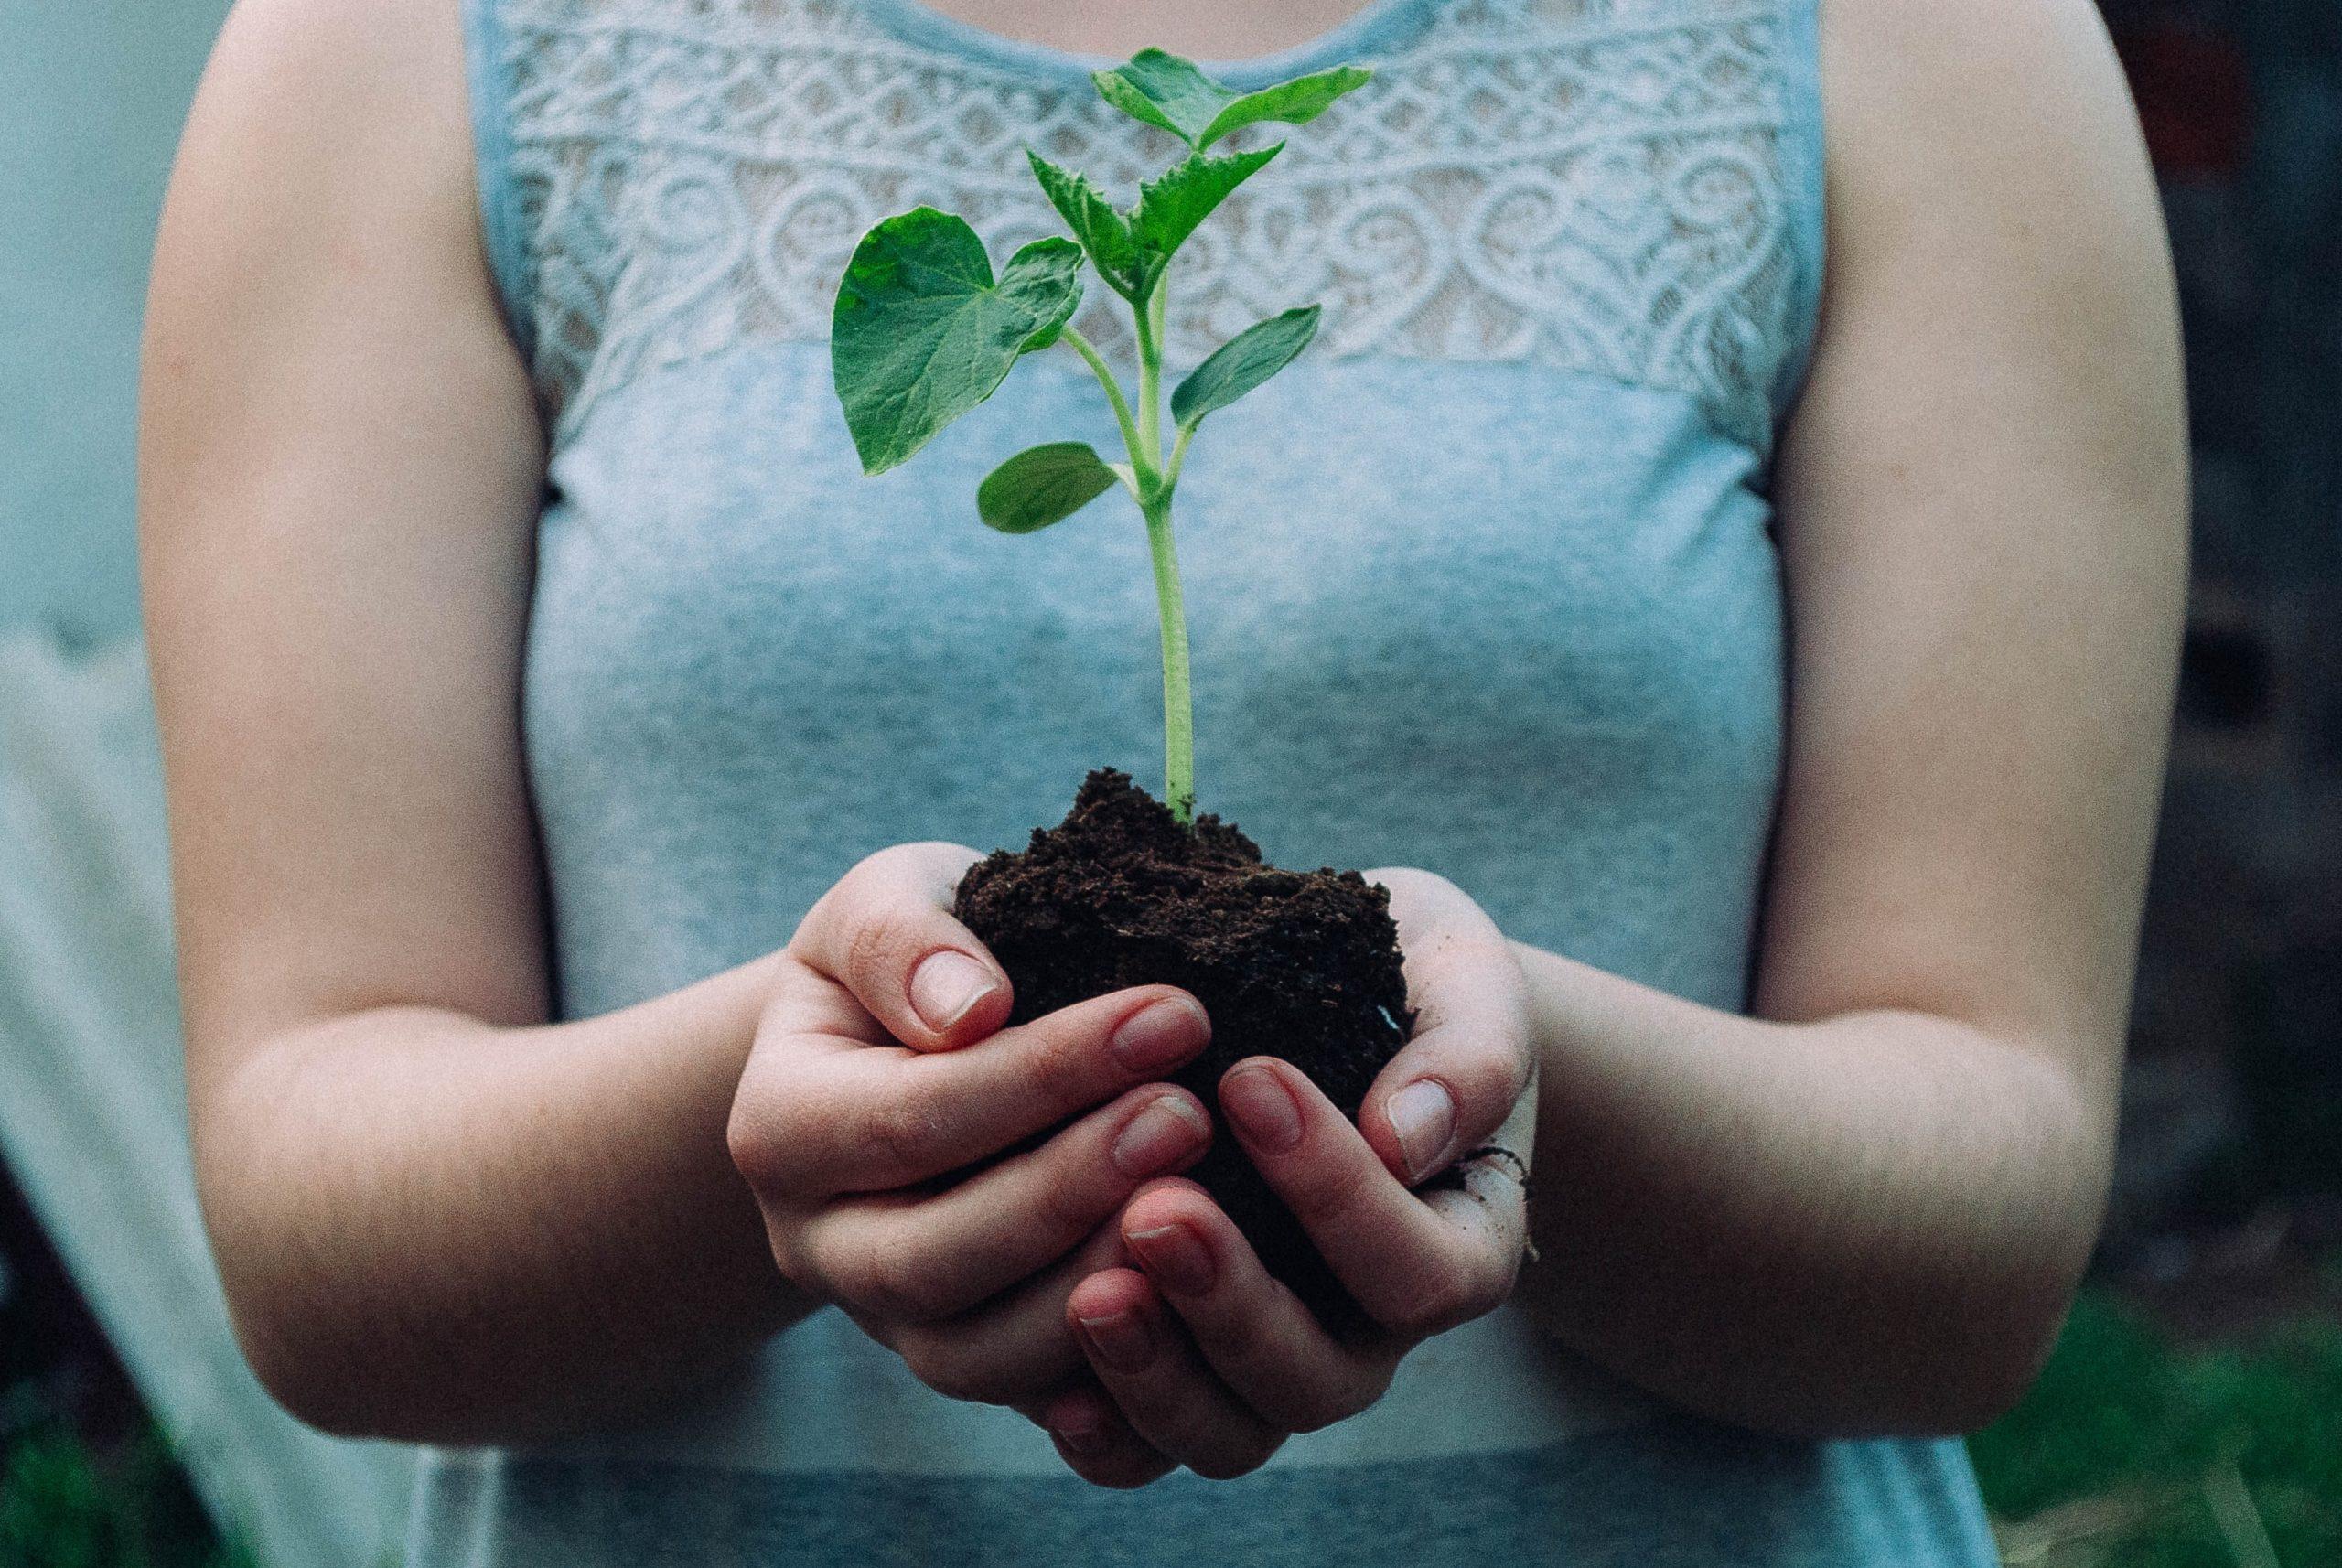 Treue und geistliches Wachstum